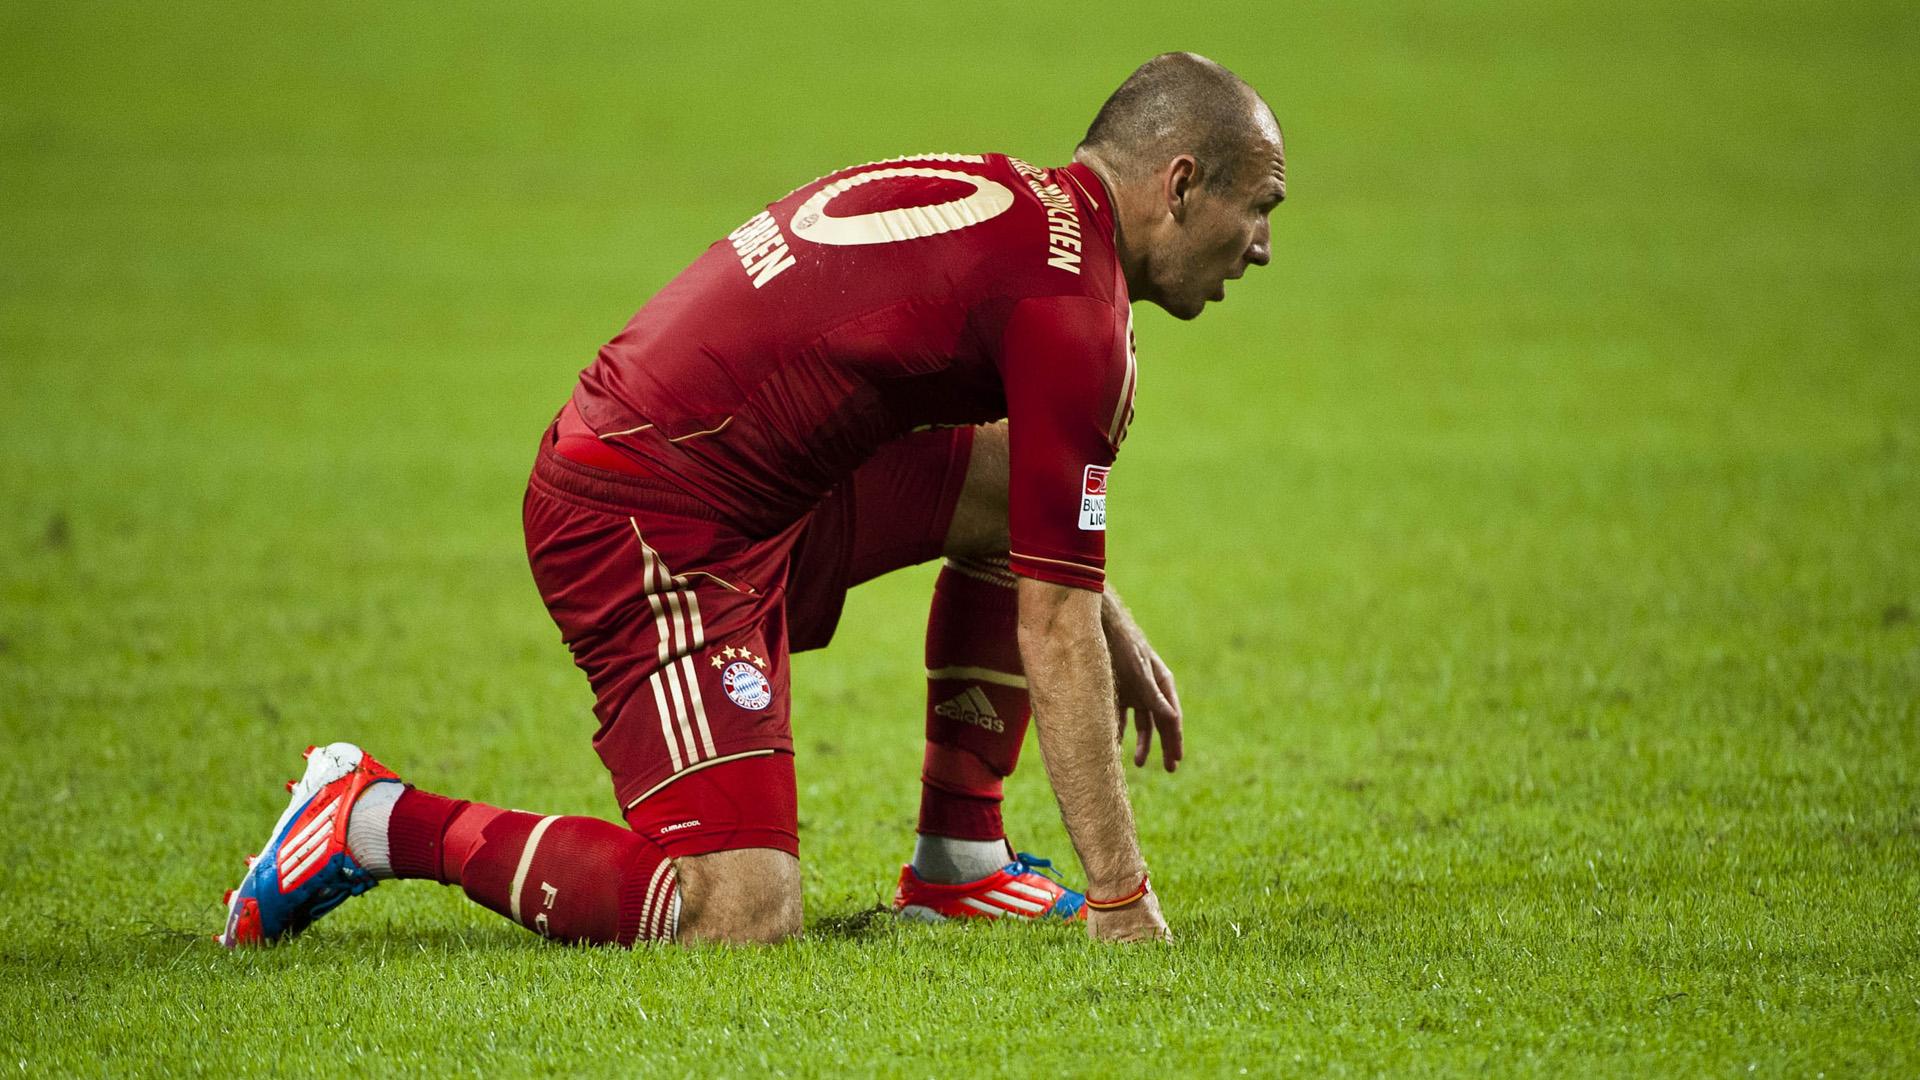 Calcio: sorpresa Robben, torna in campo col Groningen